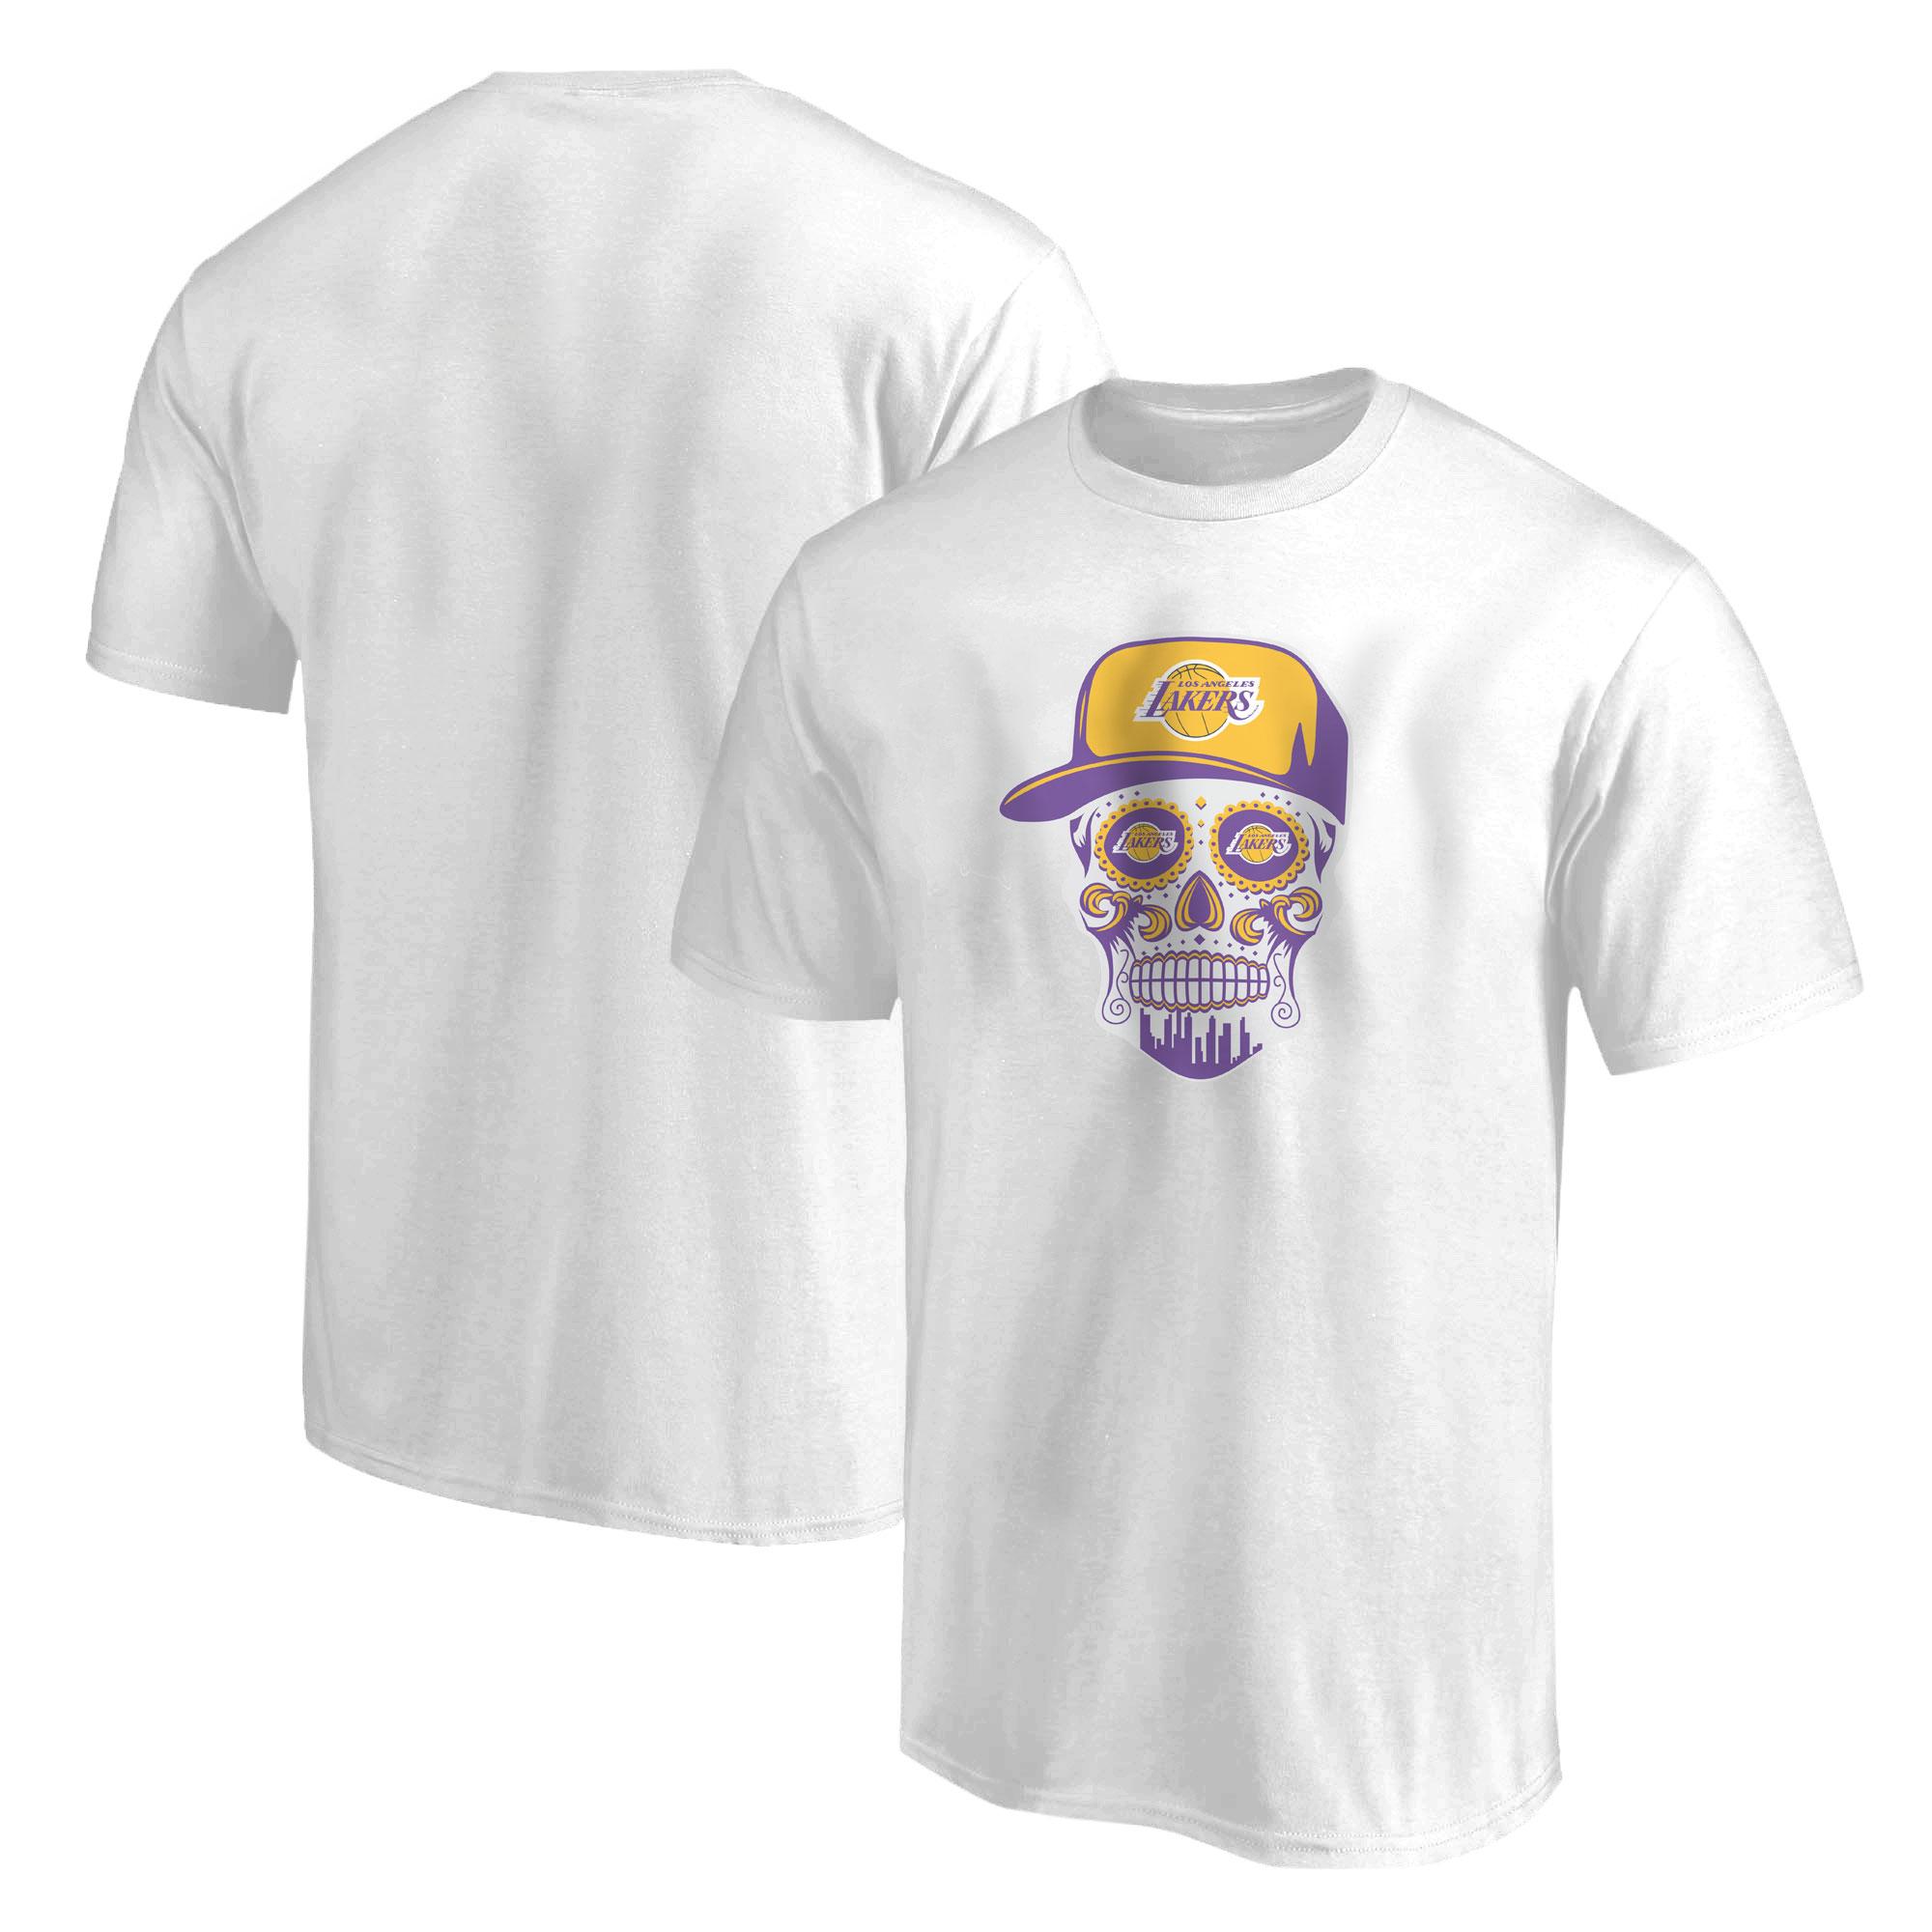 Lakers Skull Tshirt (TSH-WHT-NP-454-NBA-LKRS-SKULL)